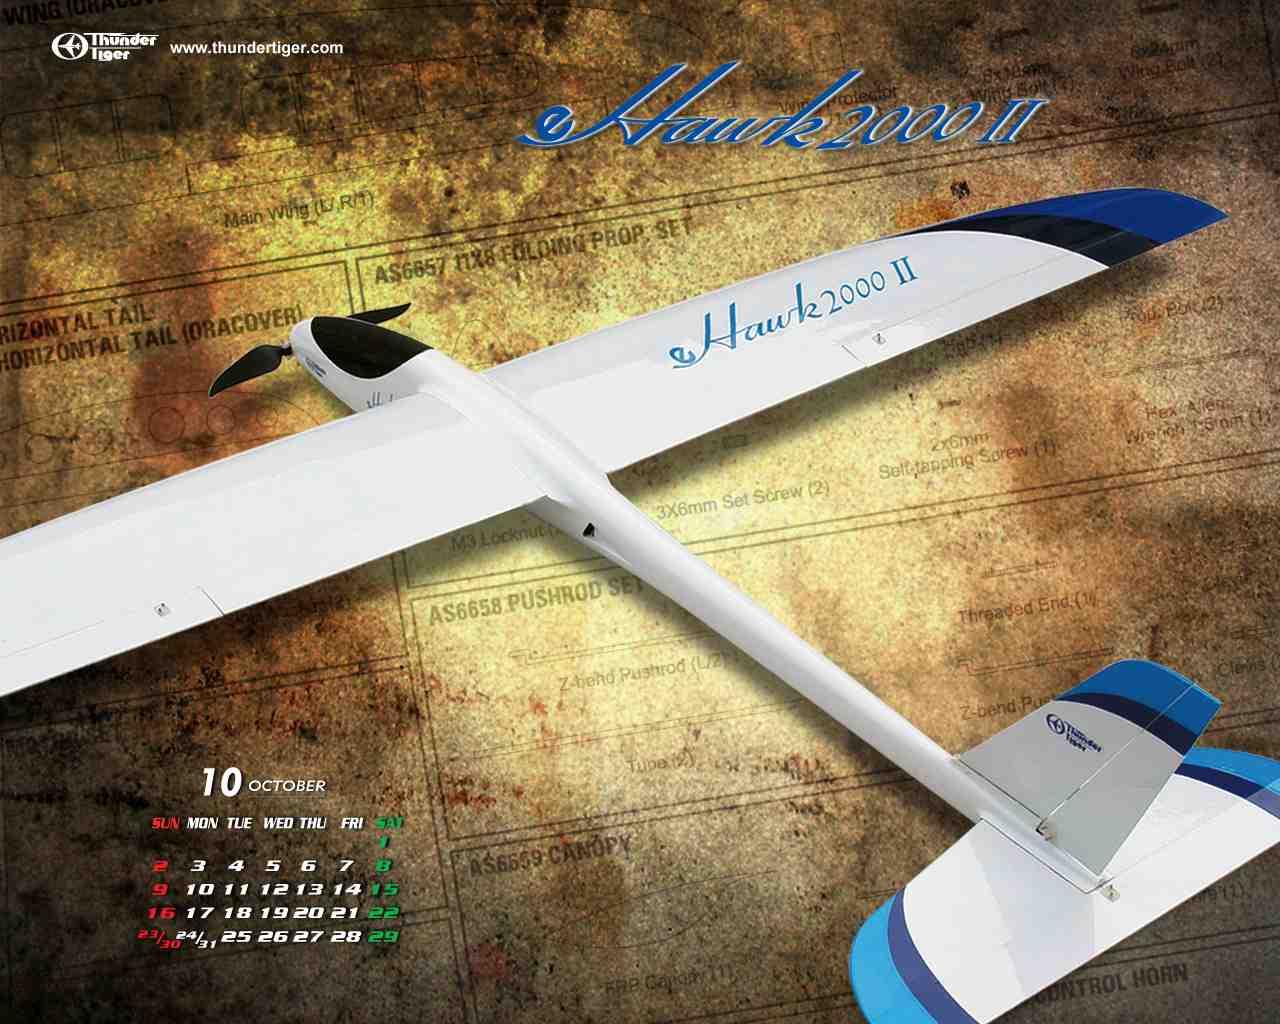 Ανταλλακτικά Αεροπλάνων